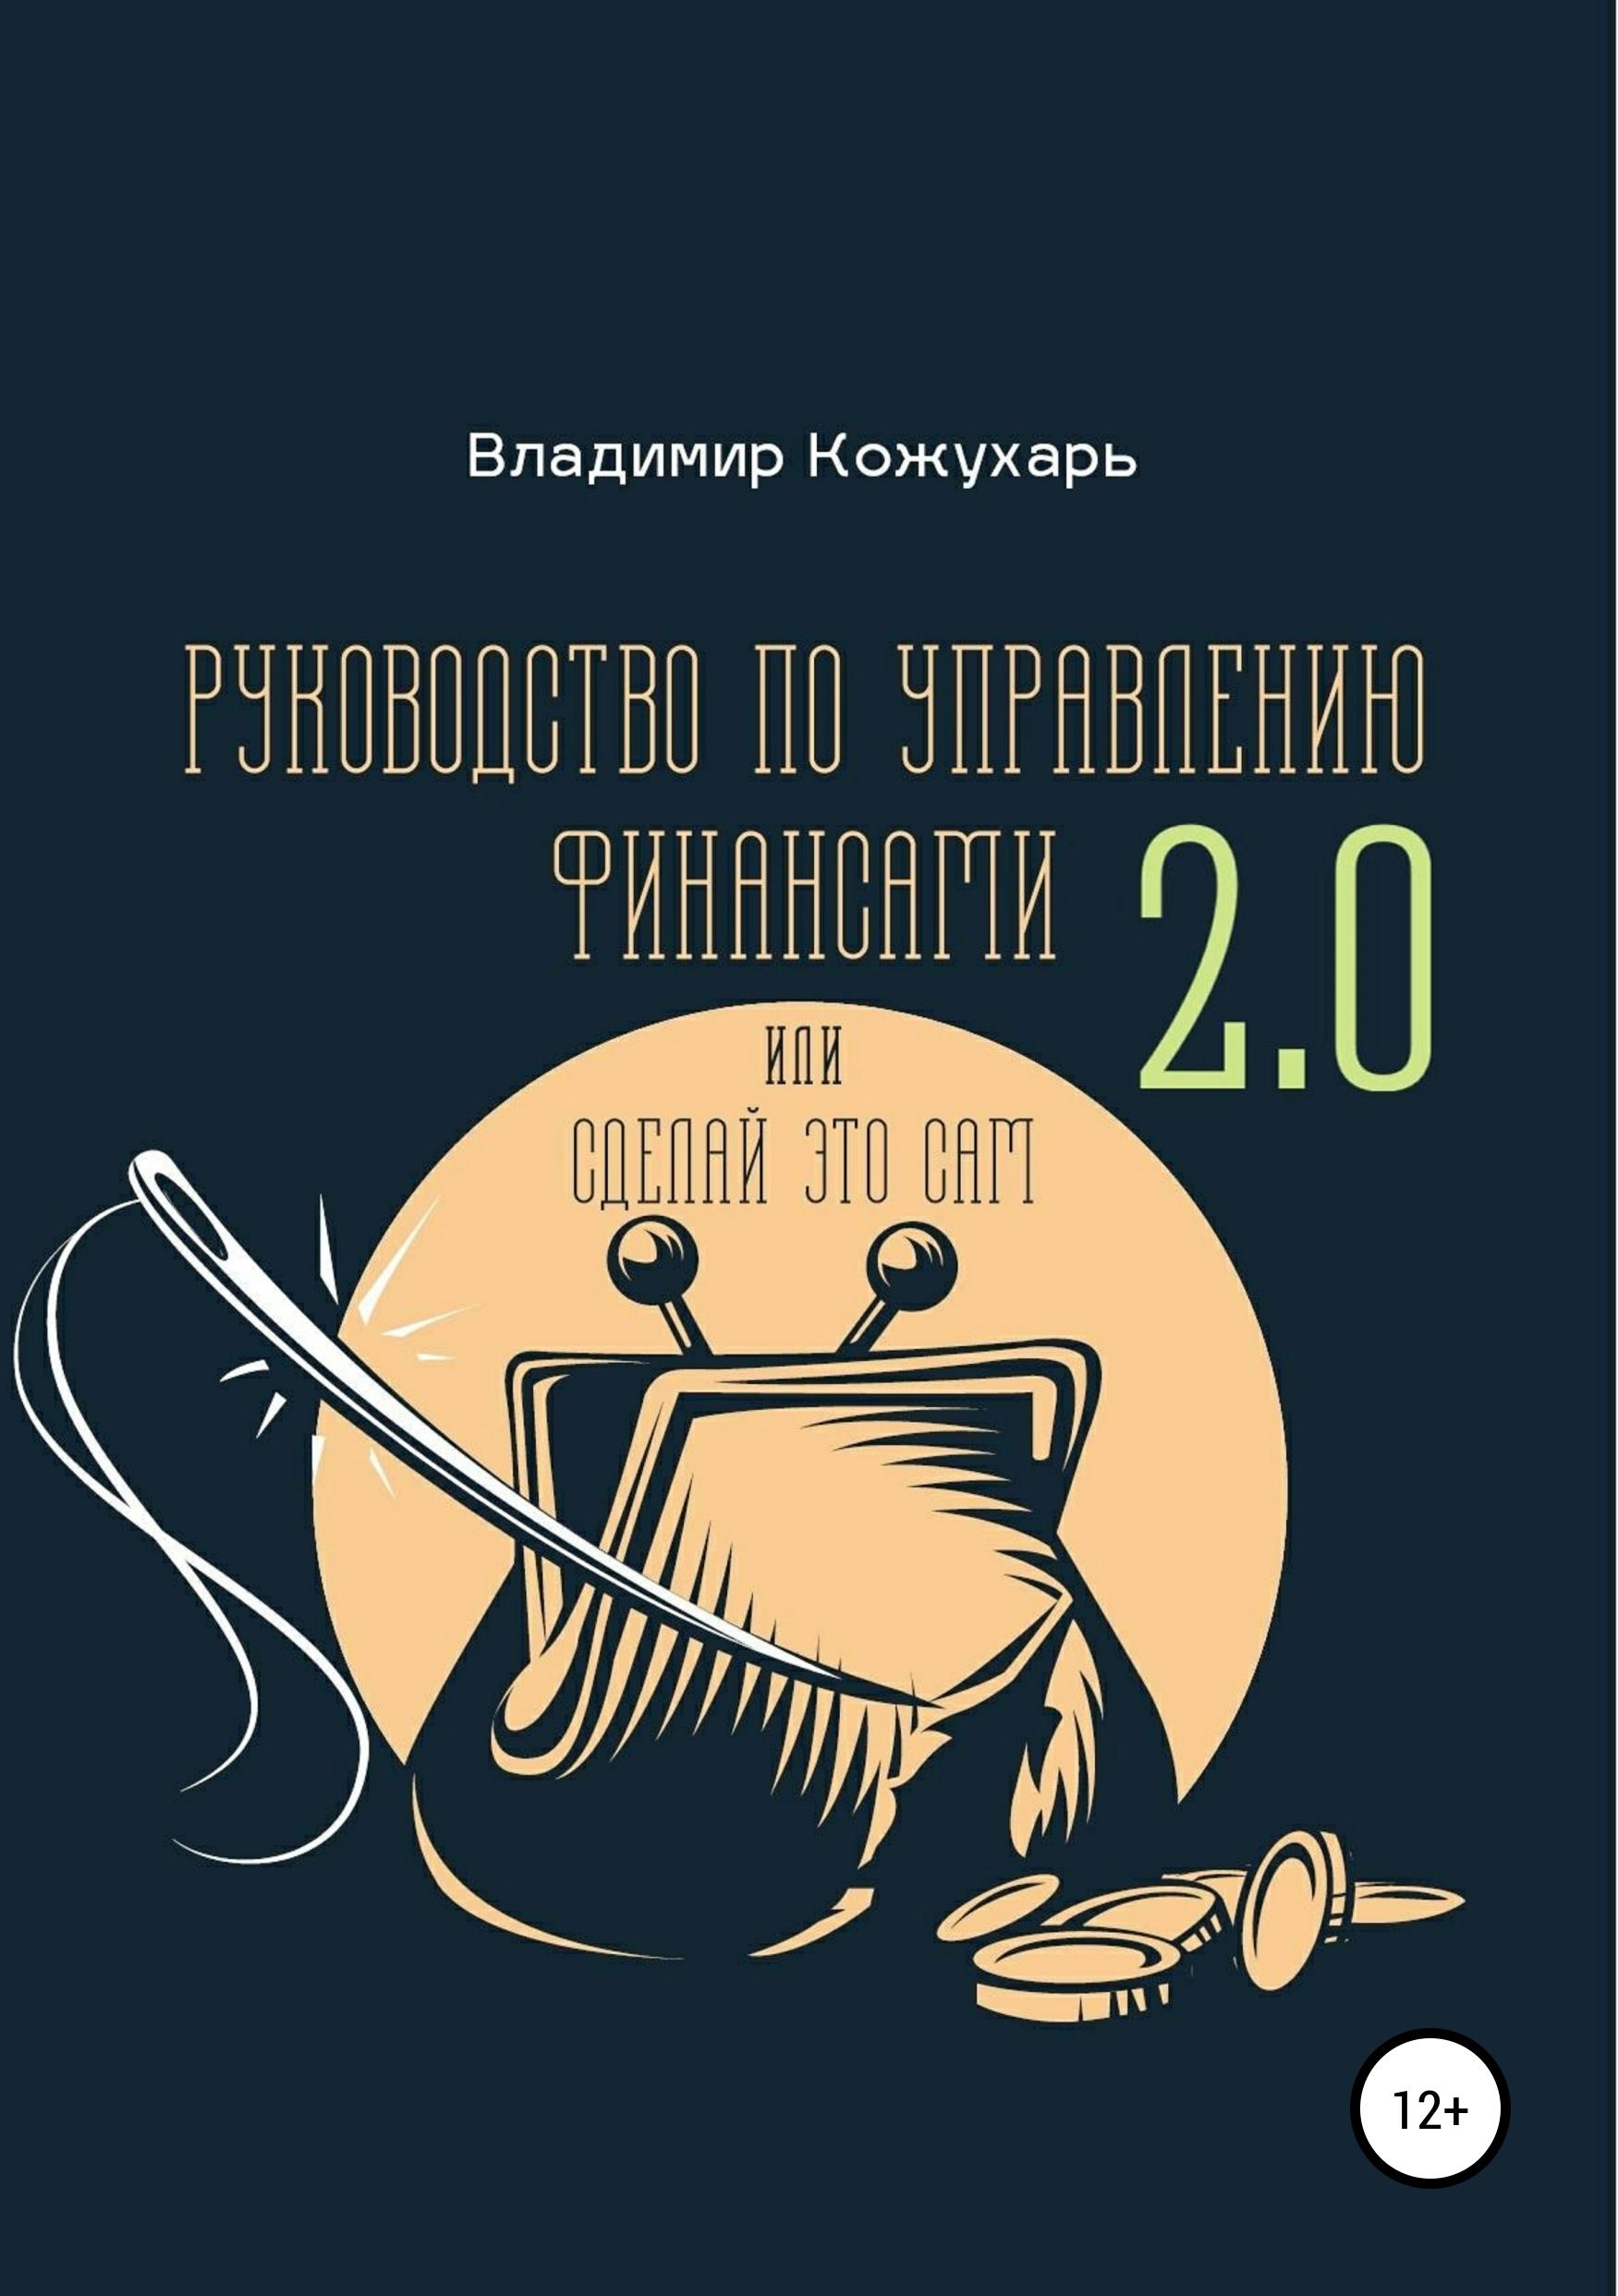 Обложка книги Руководство по управлению финансами 2.0